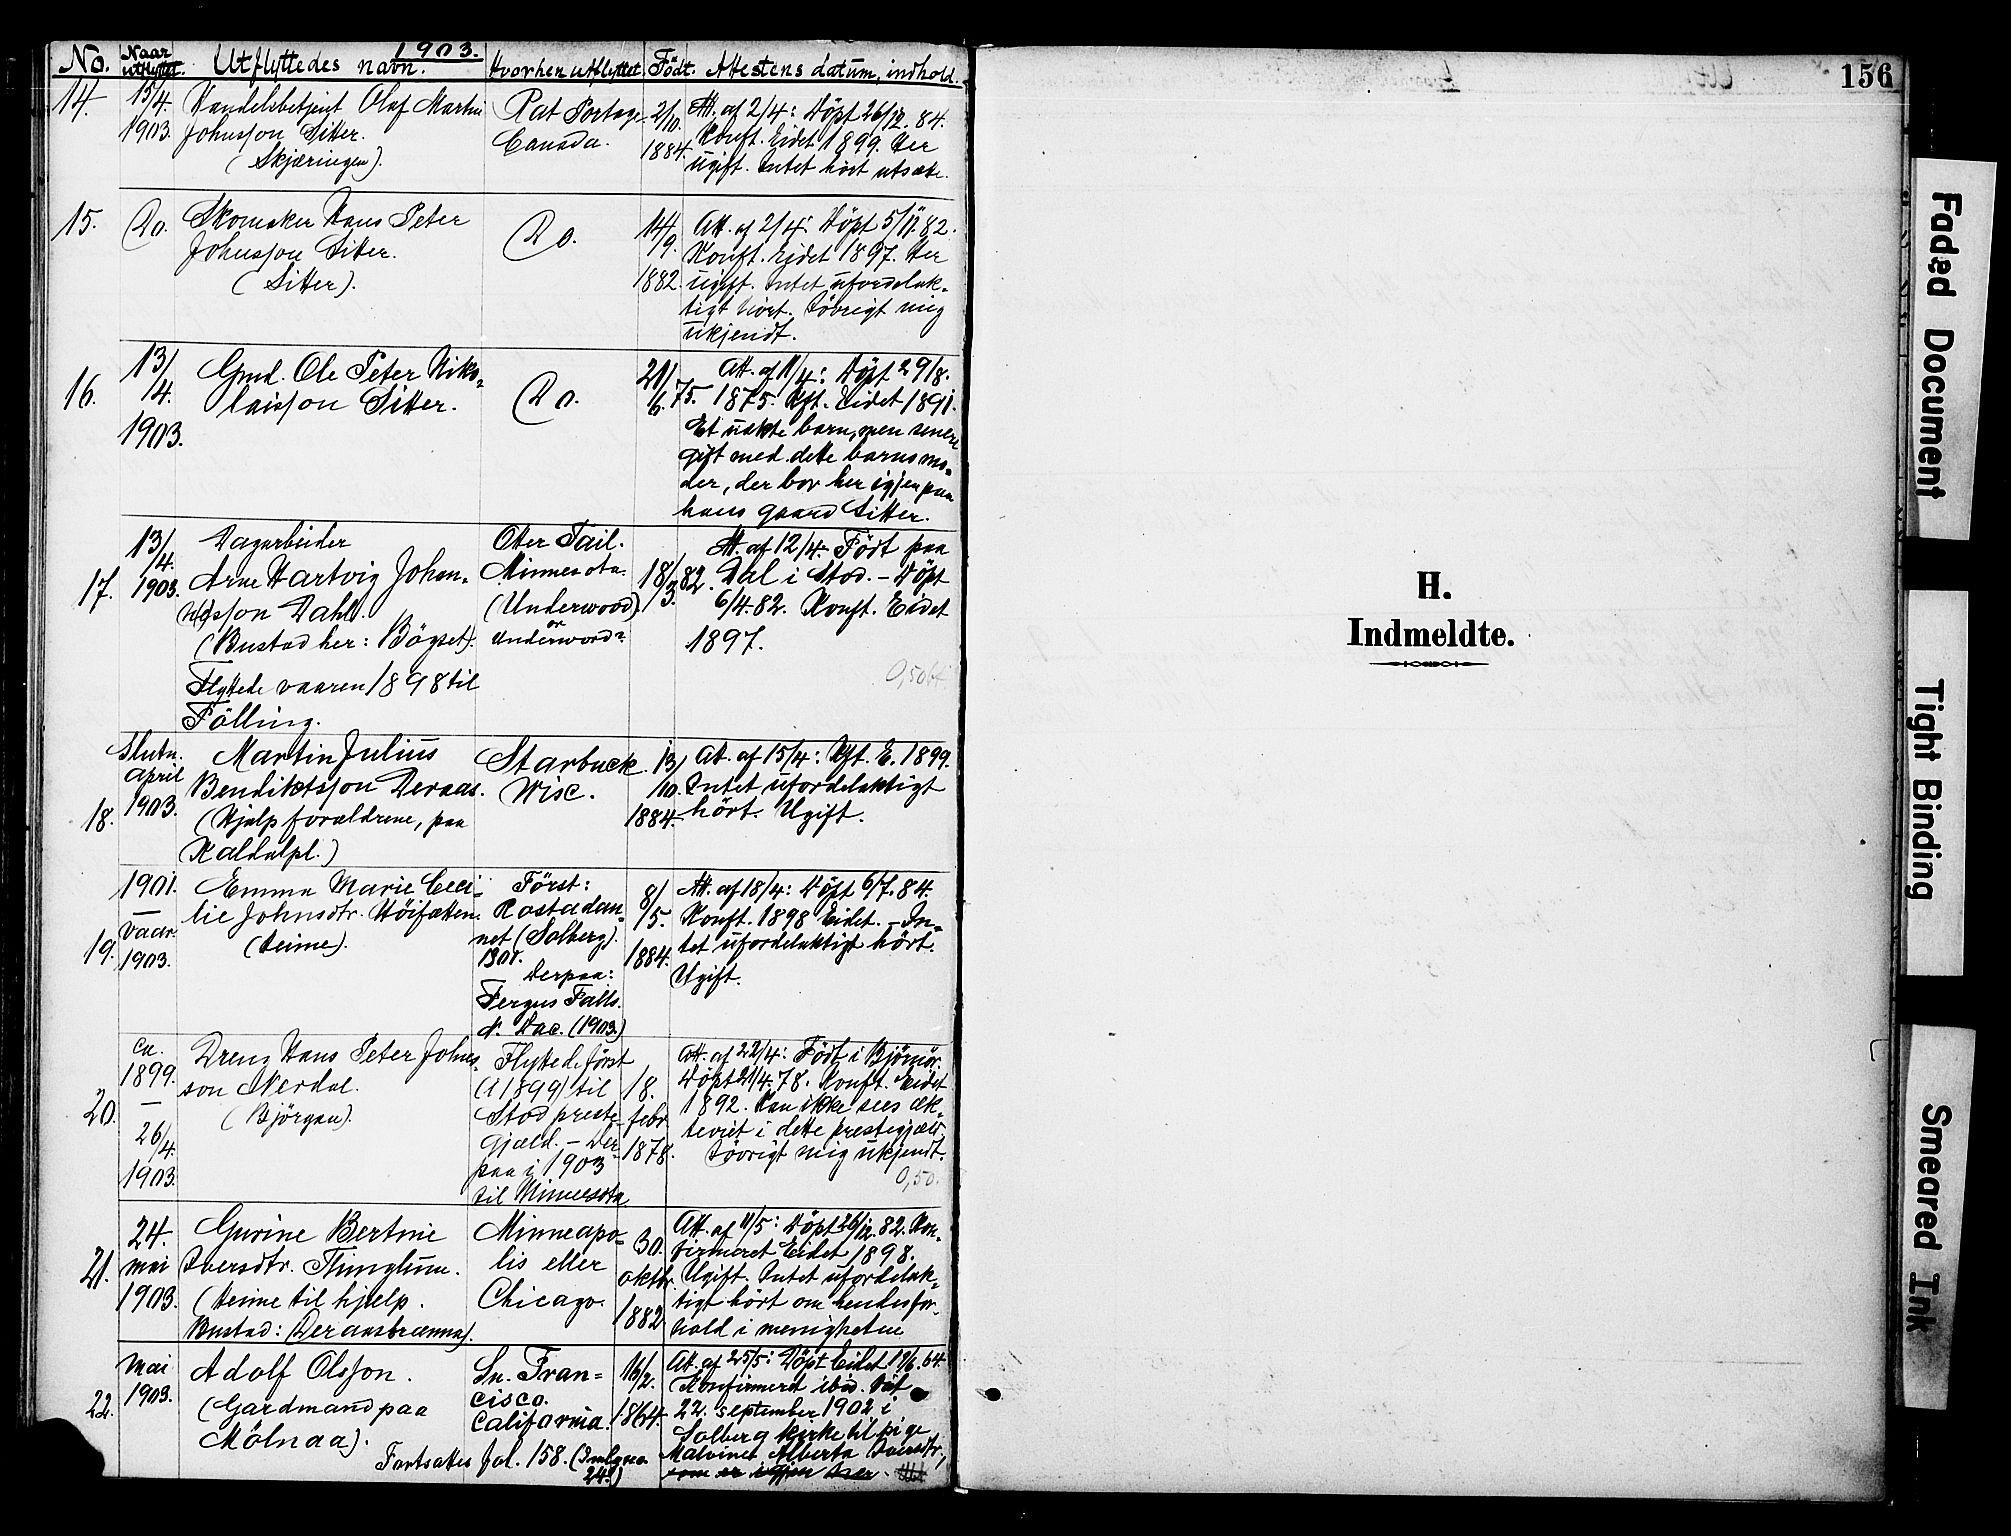 SAT, Ministerialprotokoller, klokkerbøker og fødselsregistre - Nord-Trøndelag, 742/L0409: Ministerialbok nr. 742A02, 1891-1905, s. 156